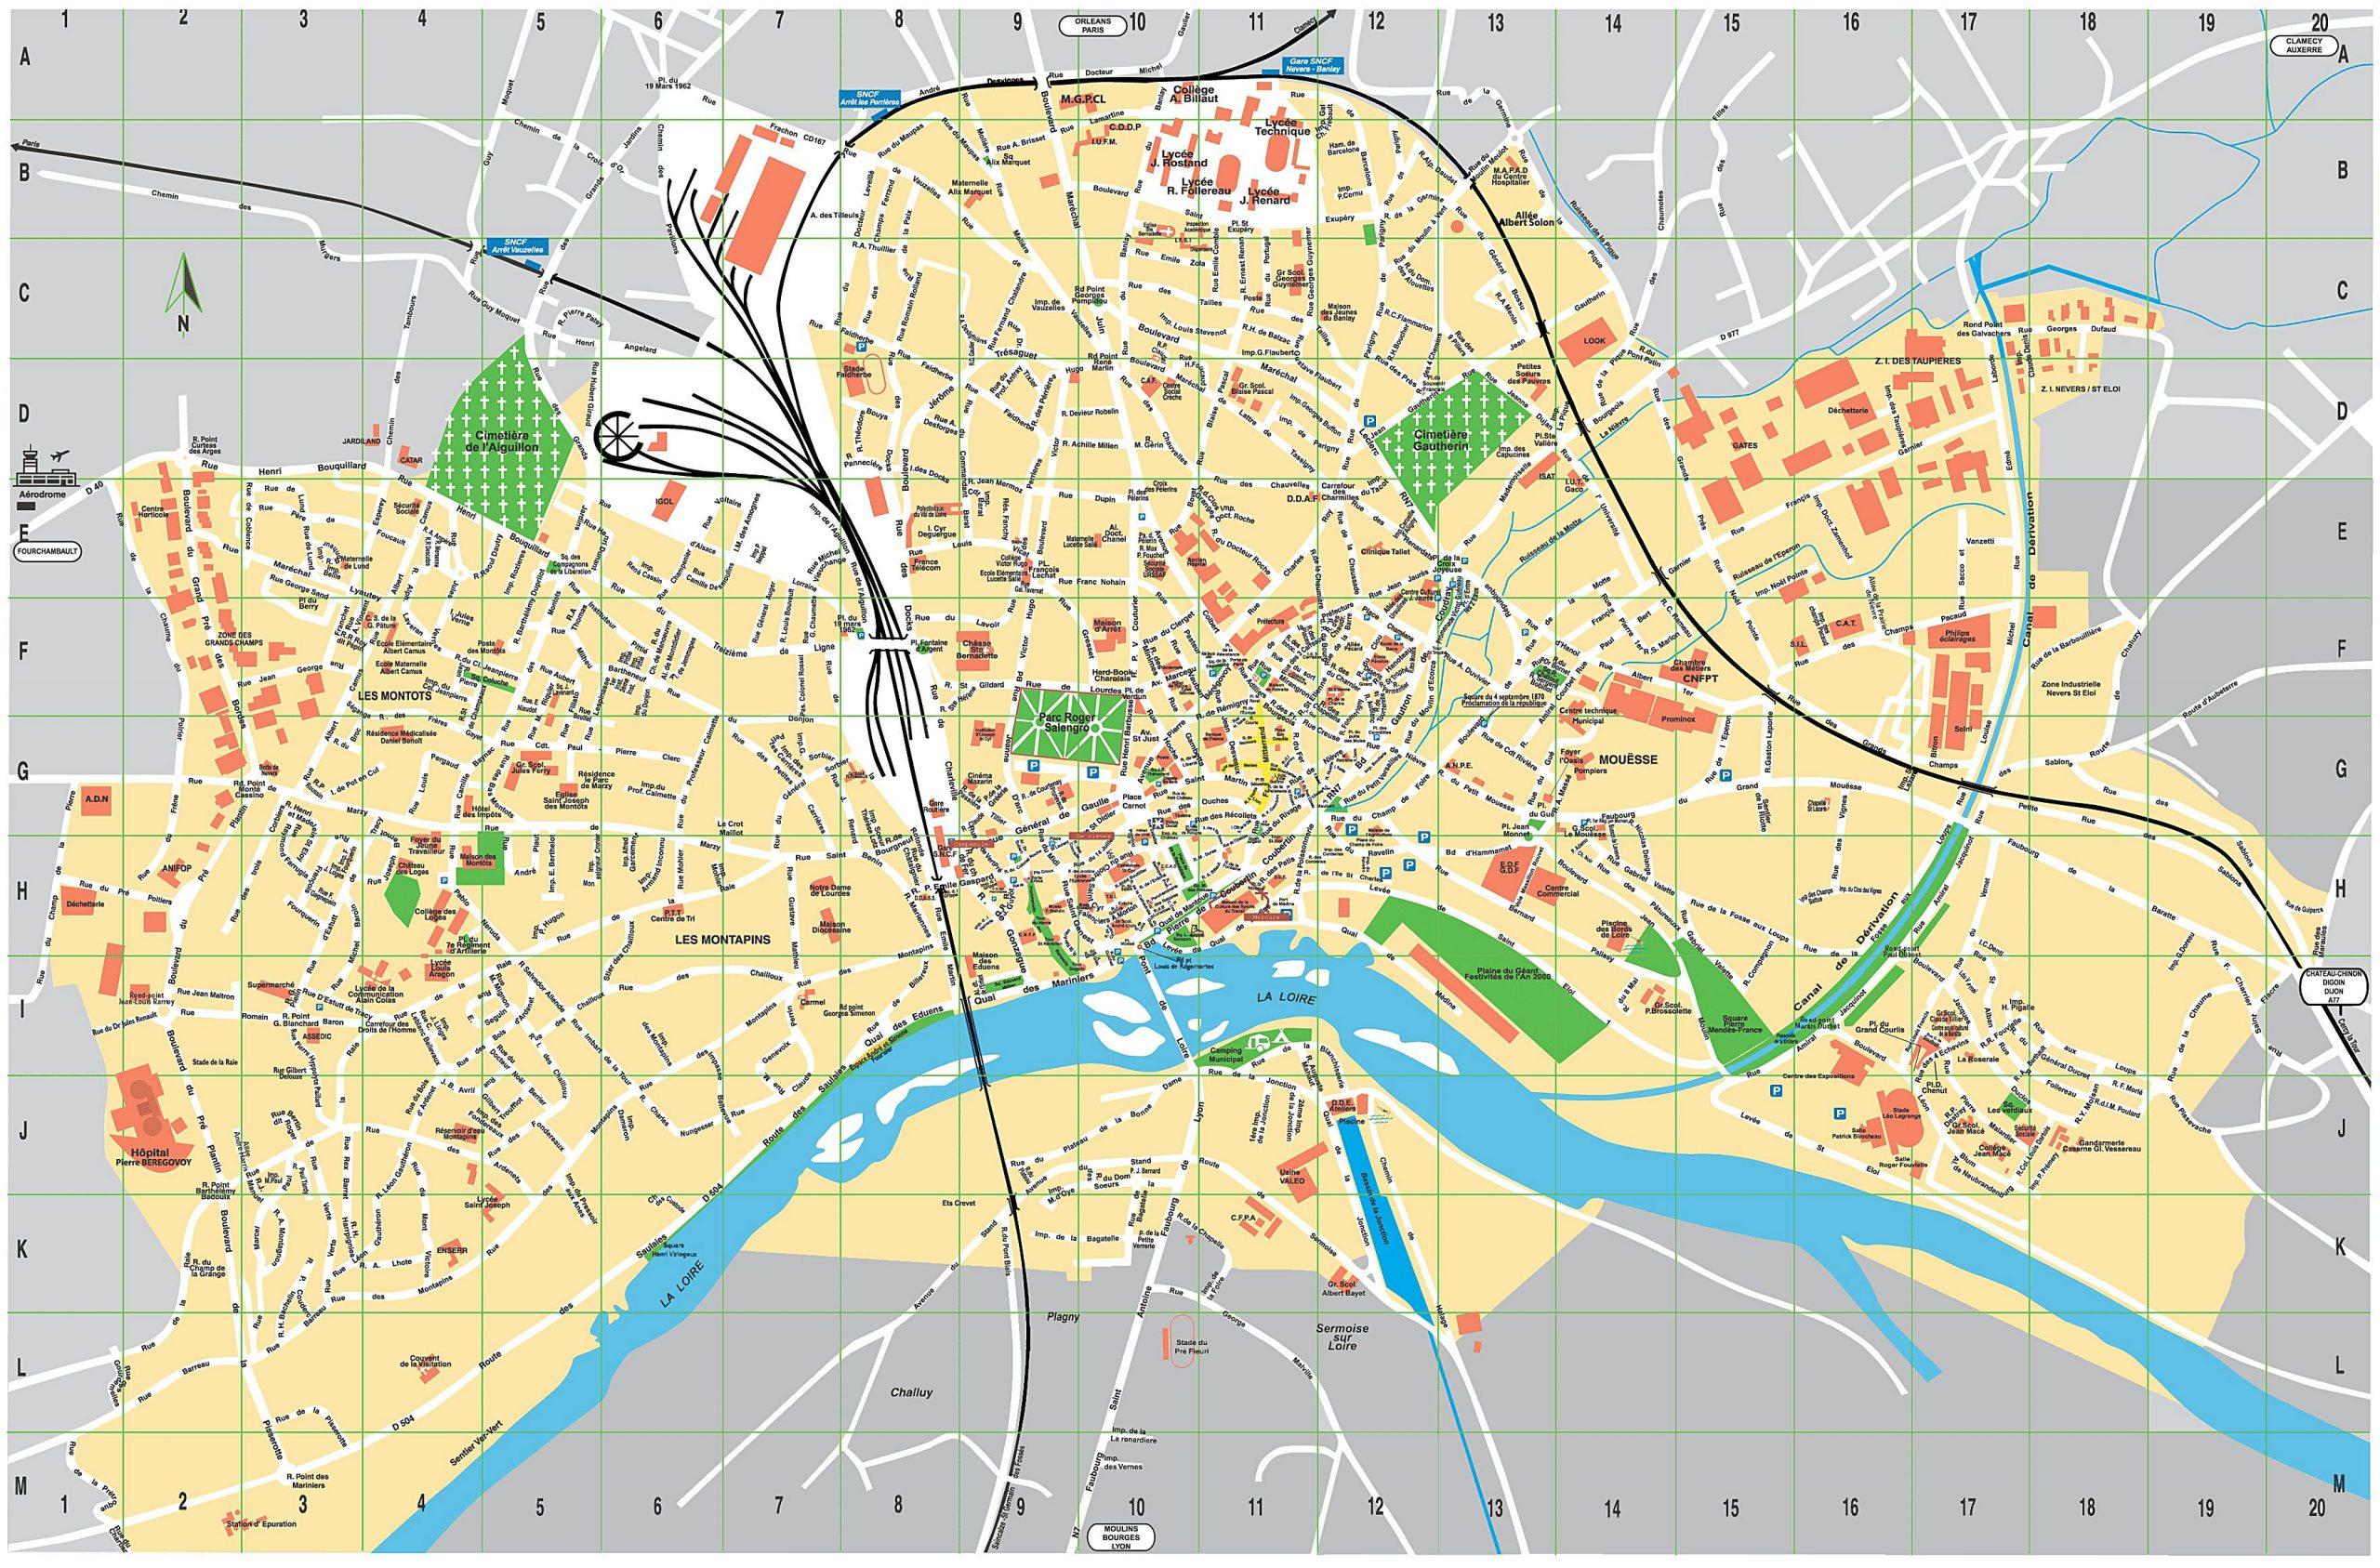 Cartes De Nevers | Cartes Typographiques Détaillées De tout Imprimer Une Carte De France